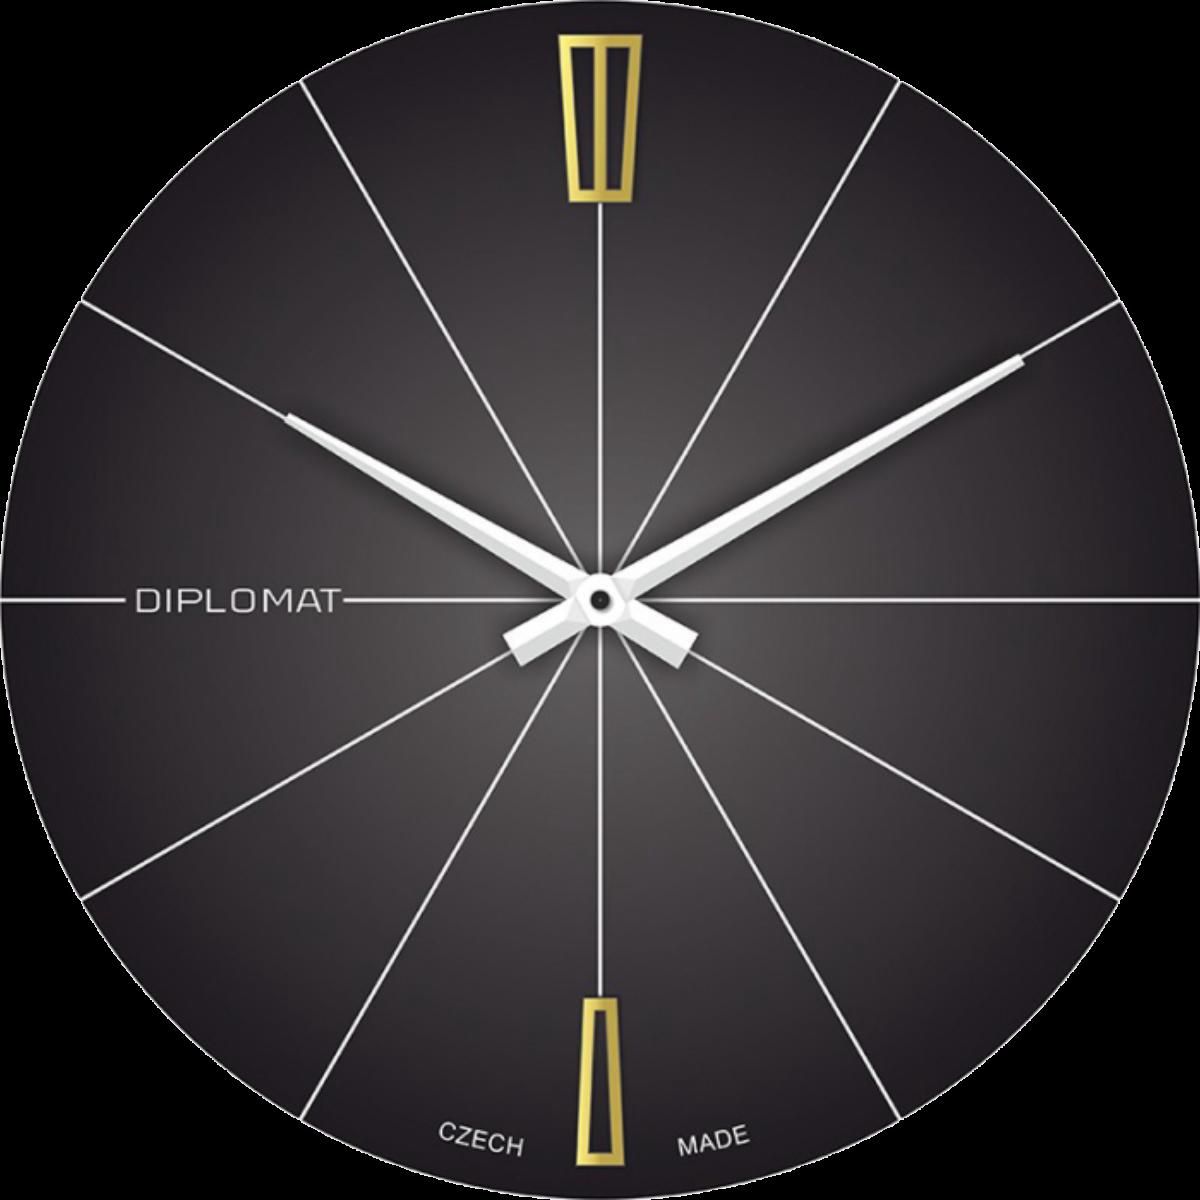 Nástěnné hodiny PRIM Manufacture 1949 - Diplomat černé – Pohanka ... 3e0a002552b